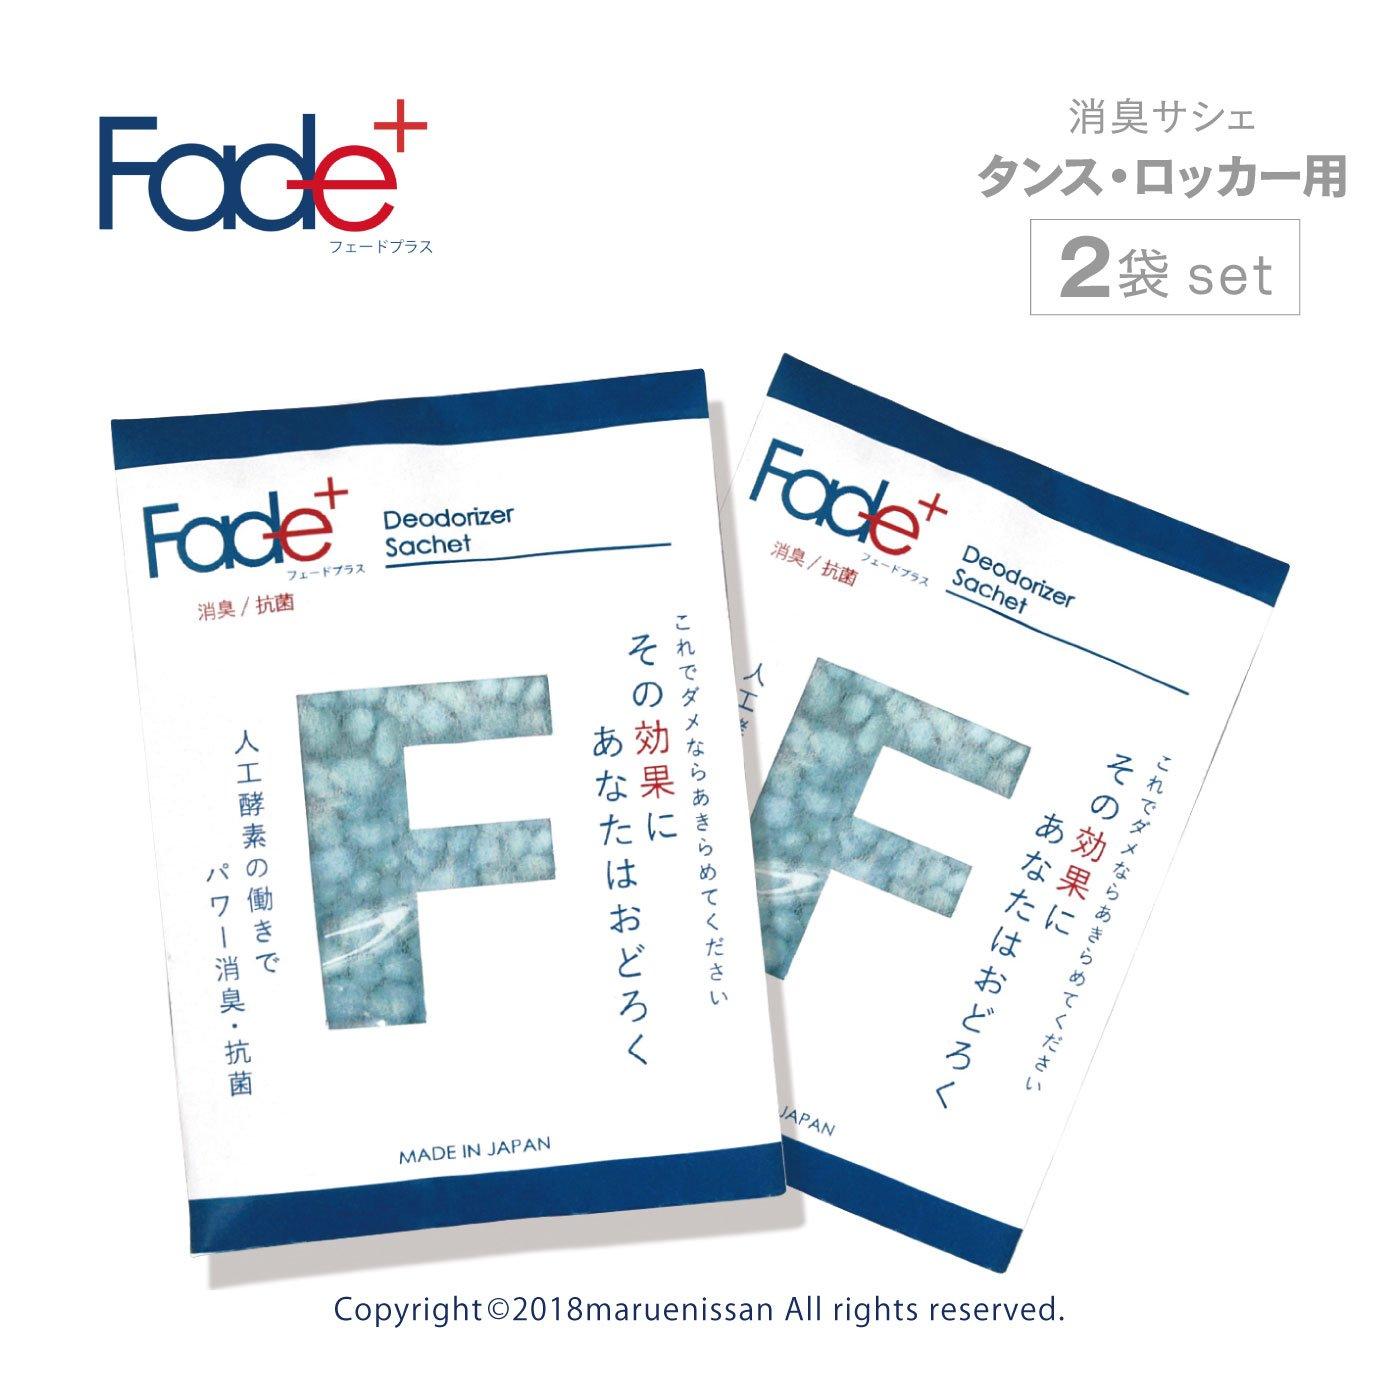 人工酵素の働きで消臭 FADE+ フェードプラス 消臭サシェ タンス・ロッカー用 2個セット